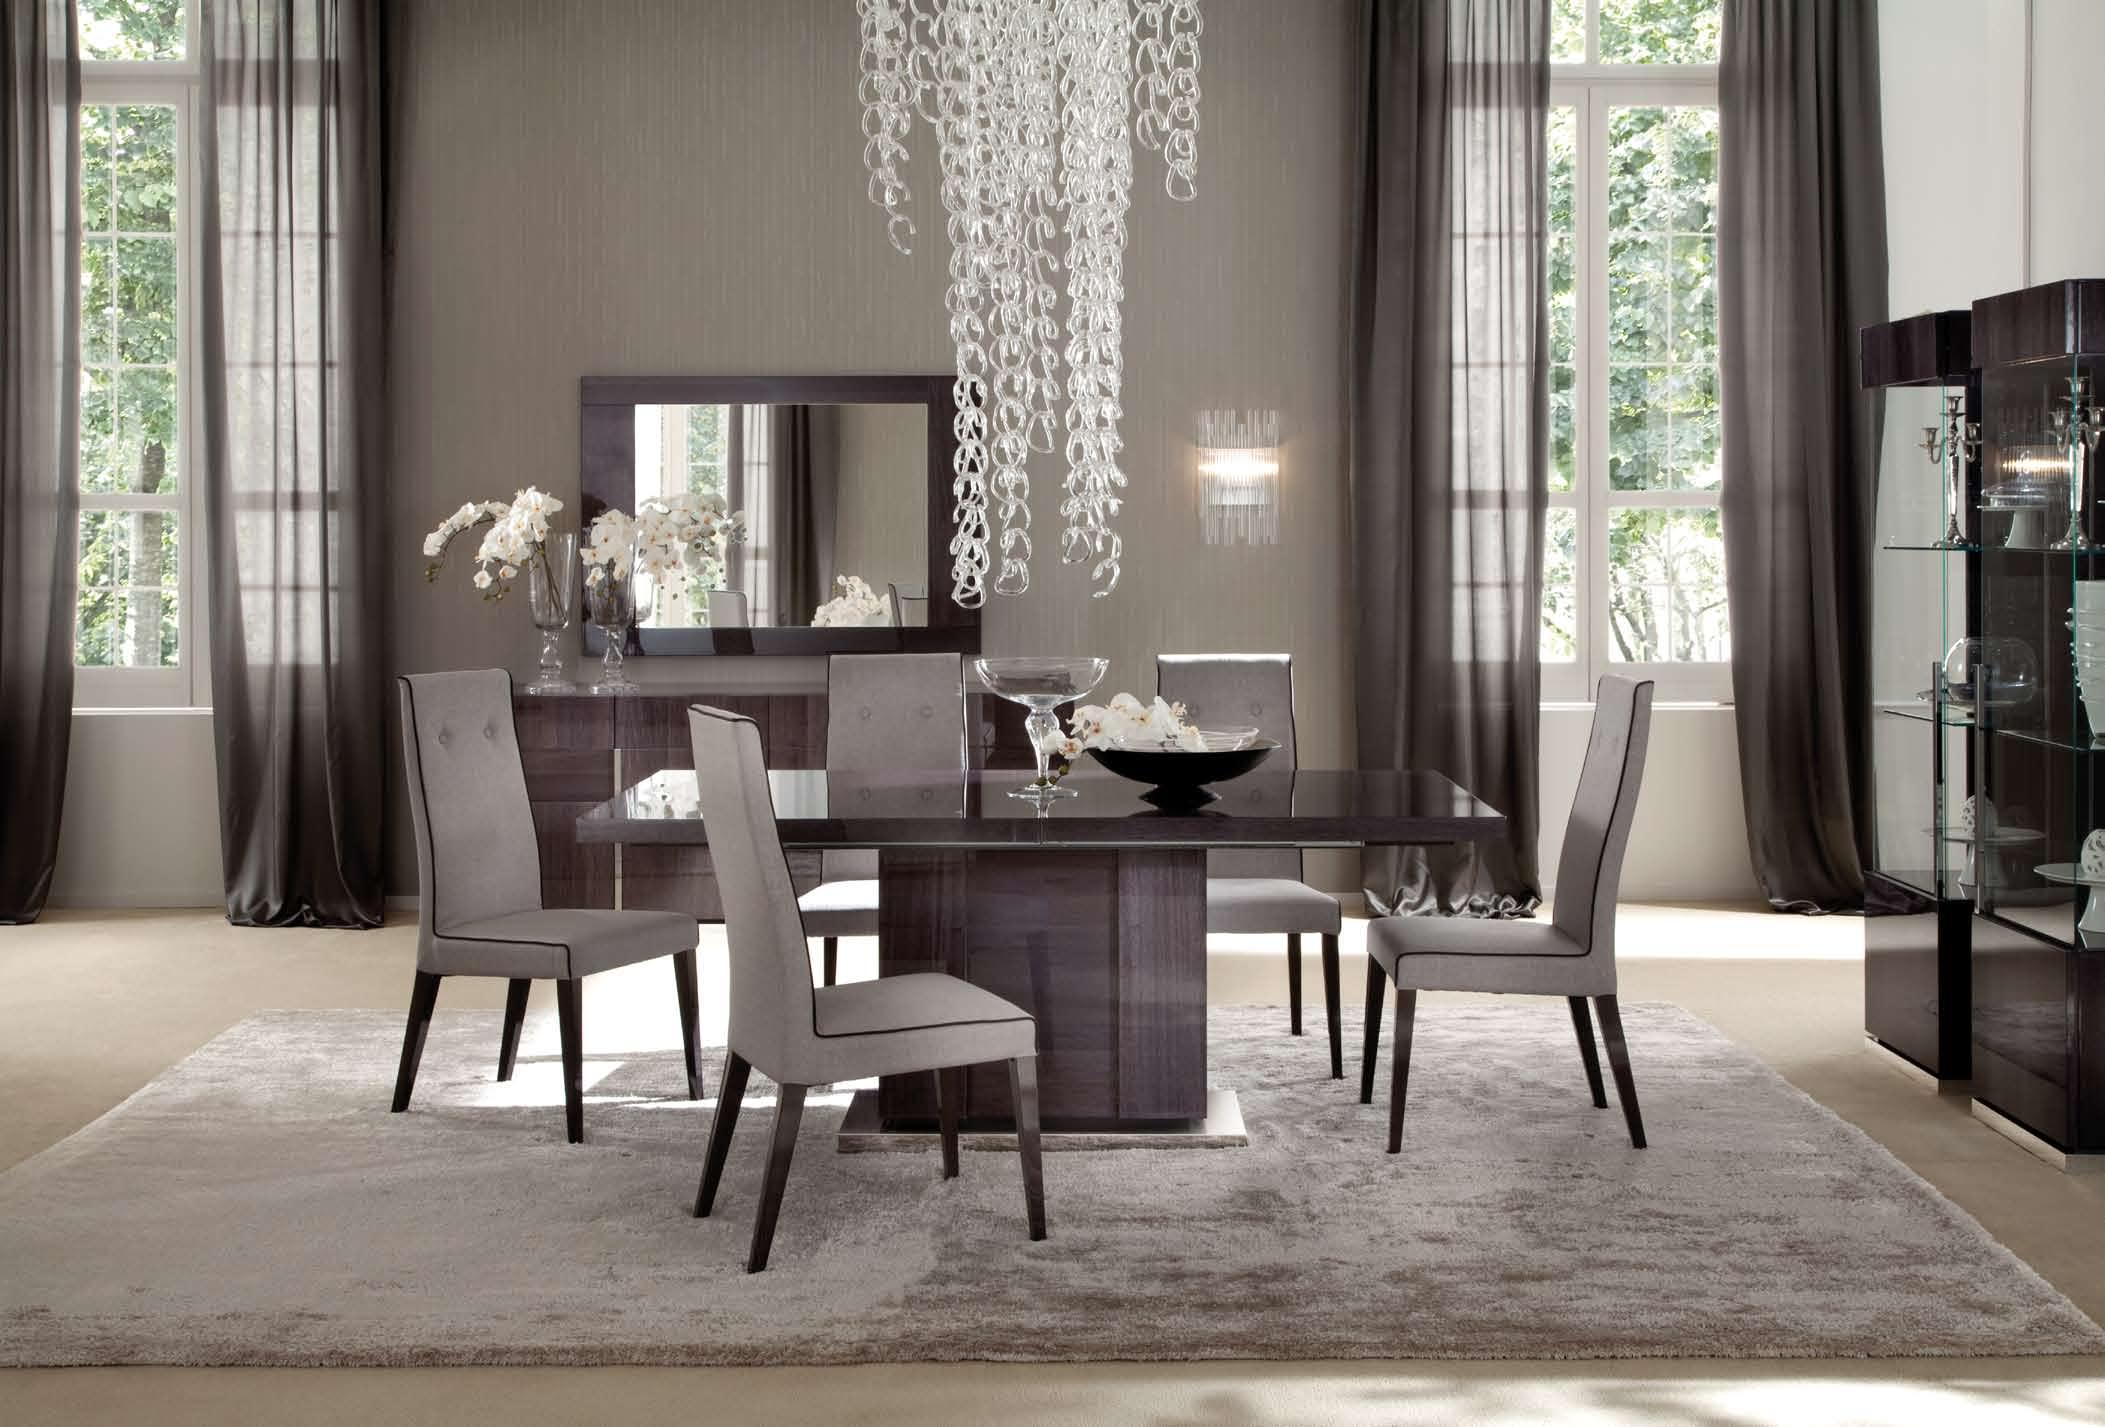 modern-dining-room-regarding-contemporary-dining-room-modern-sets-dining-room-image-dining